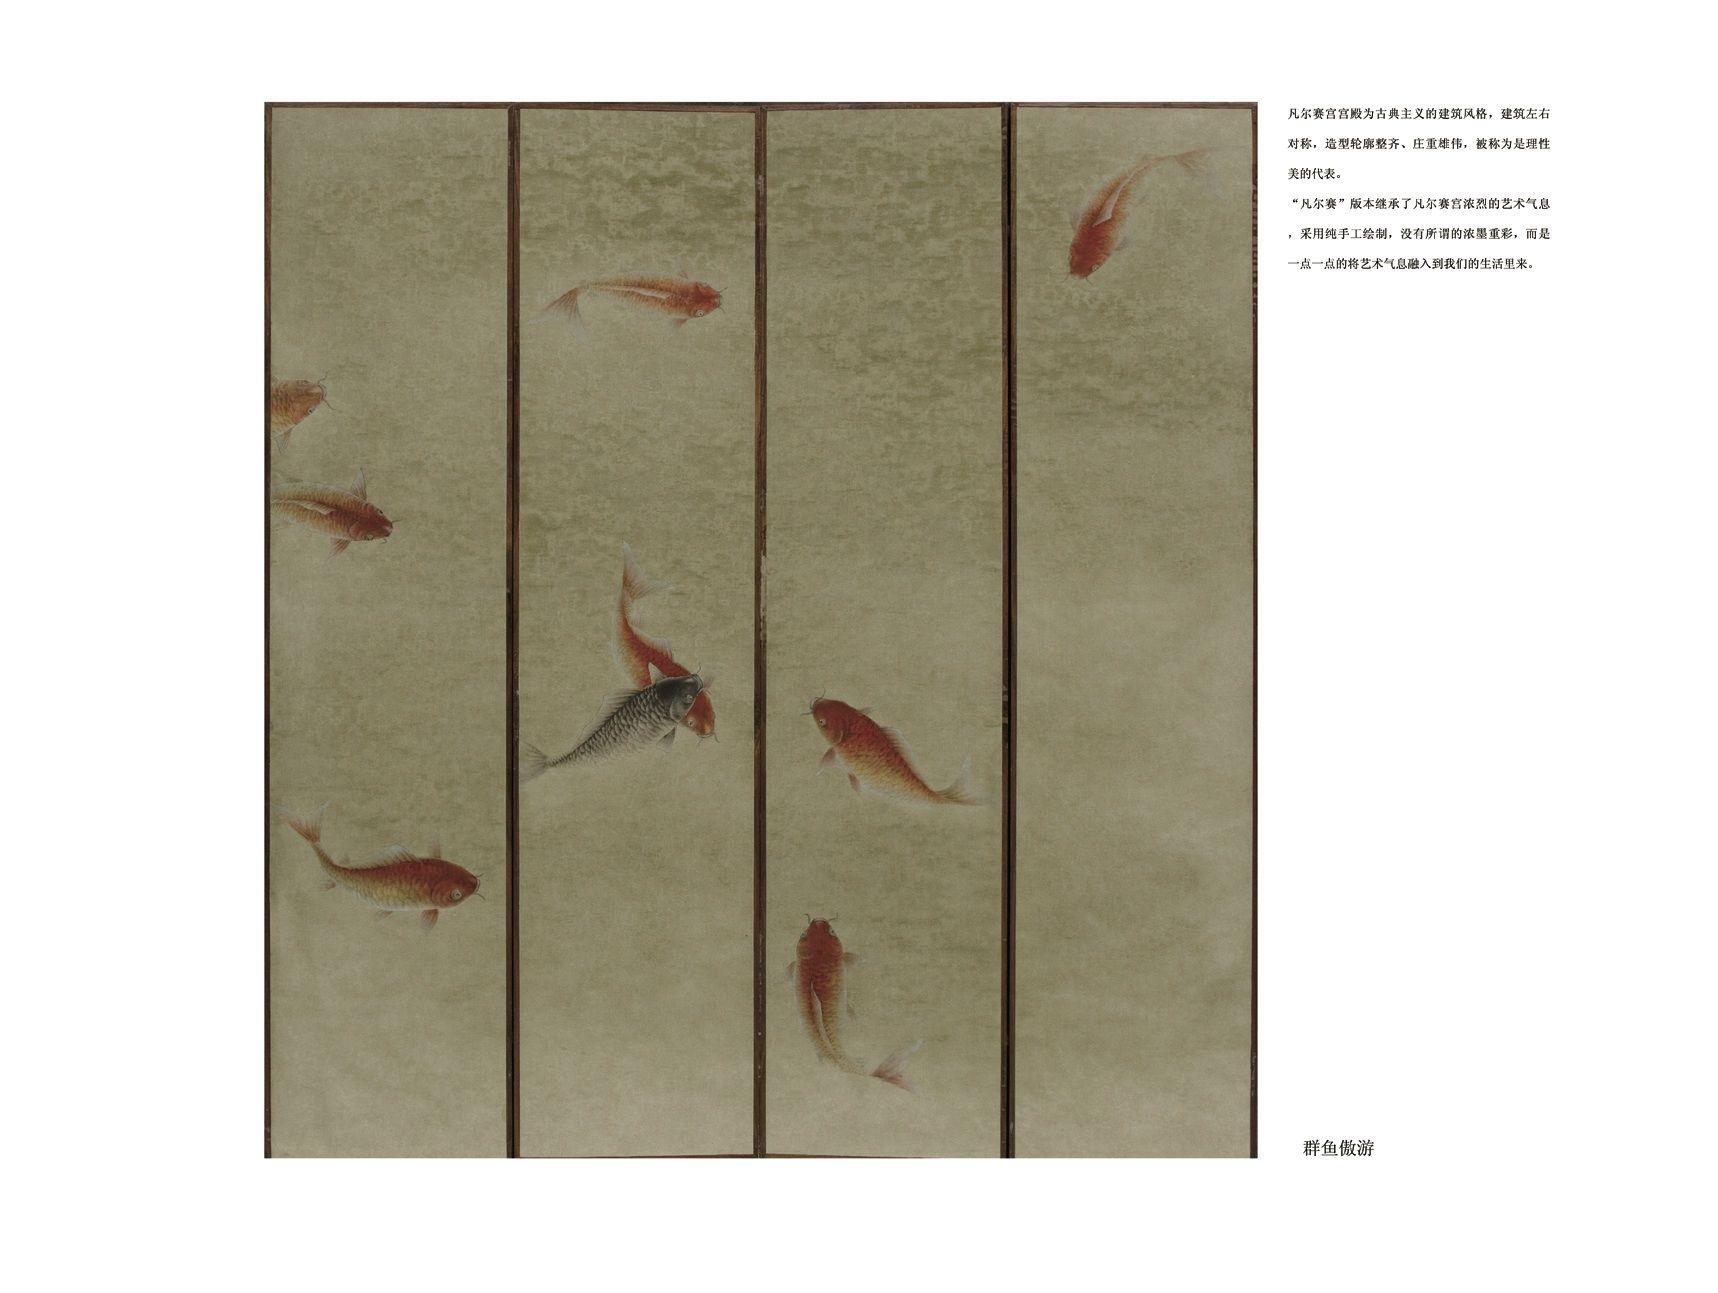 绢丝手绘墙画产品图片; 凡尔赛; 手绘简约高清壁纸